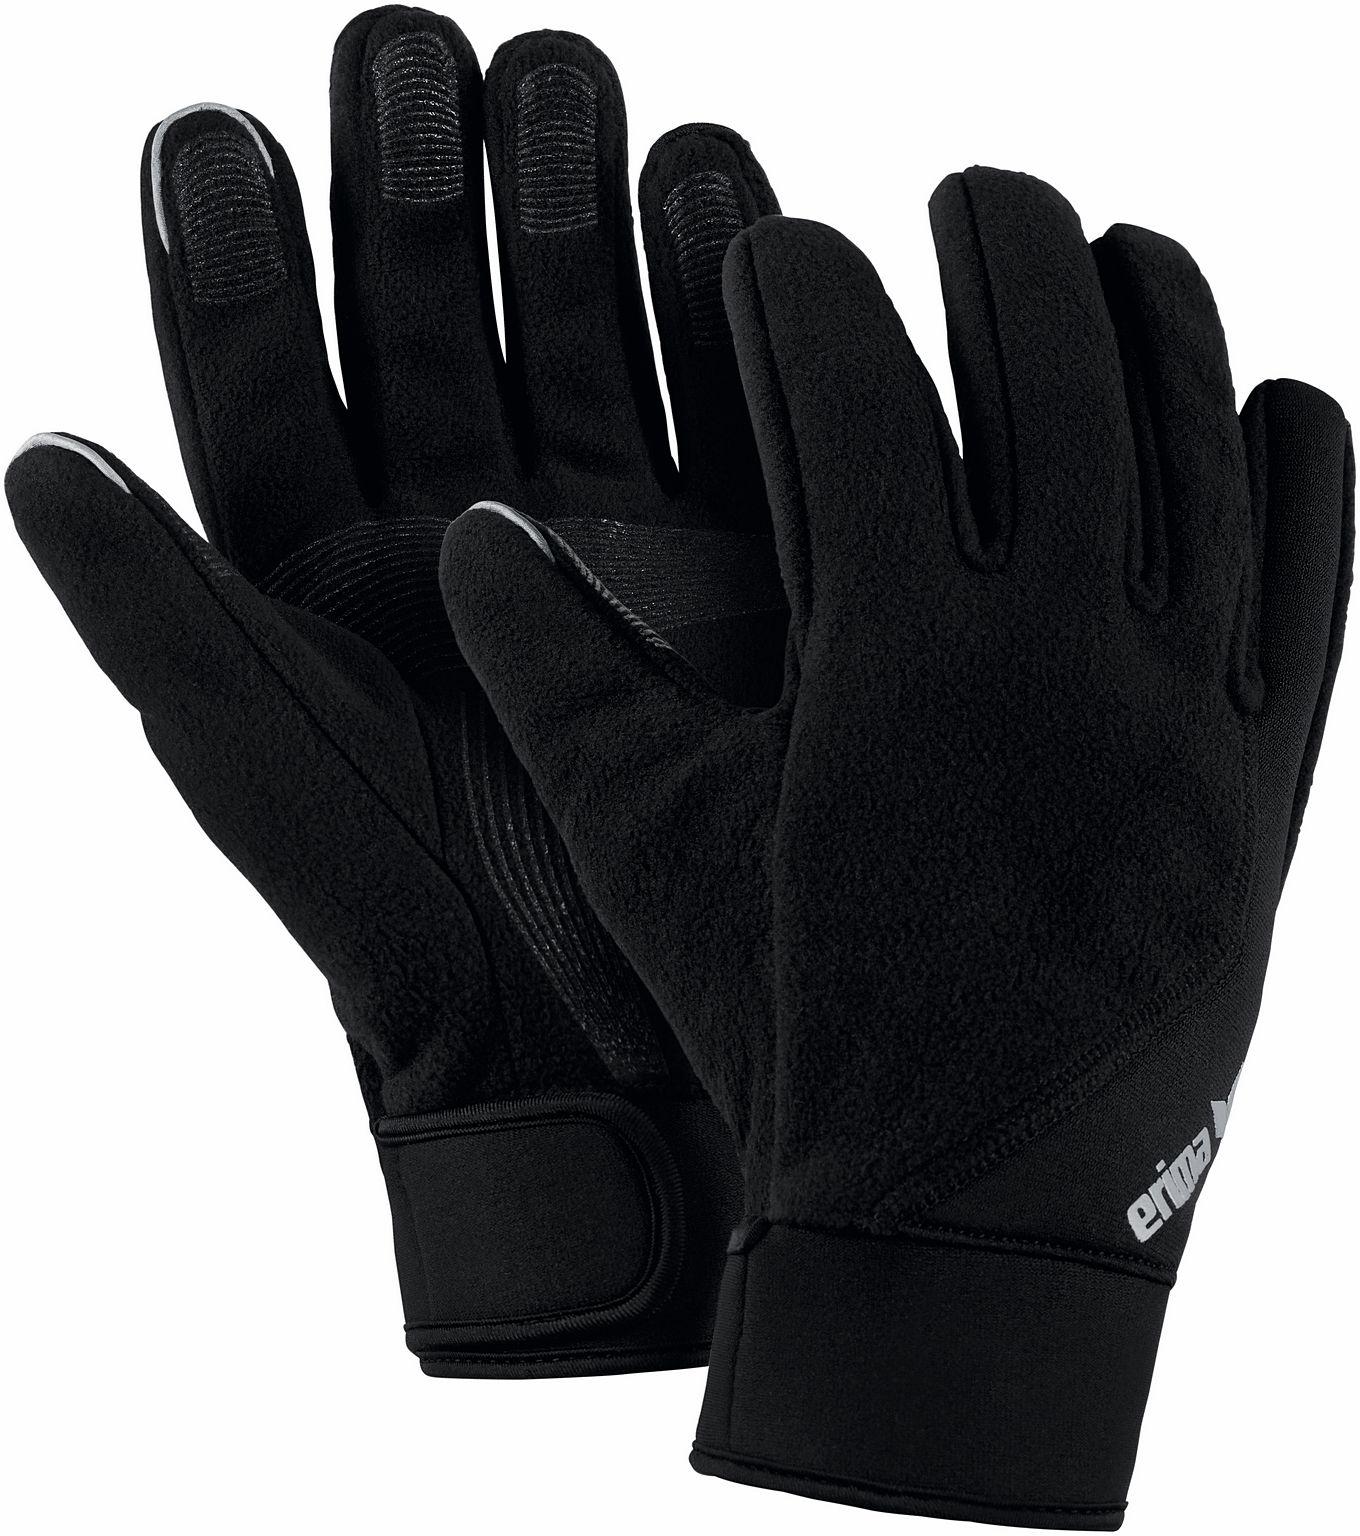 Erima Sports Glove - Fleece Handschuhe (Größen 4 bis 7)